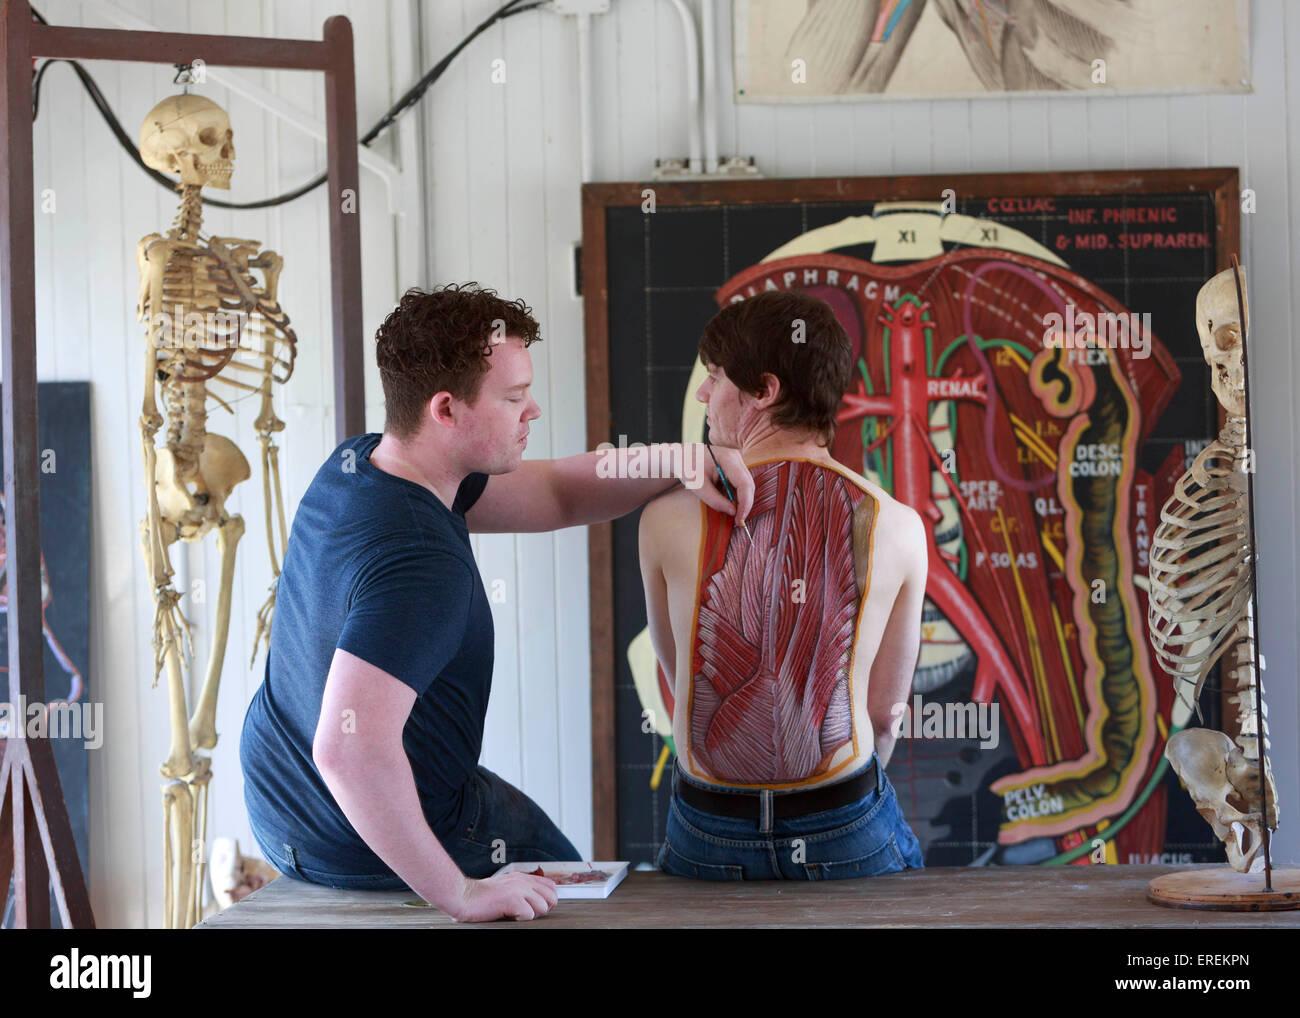 Edinburgh, Schottland. 2. Juni 2015. Ärzte und Künstler treten auf ...